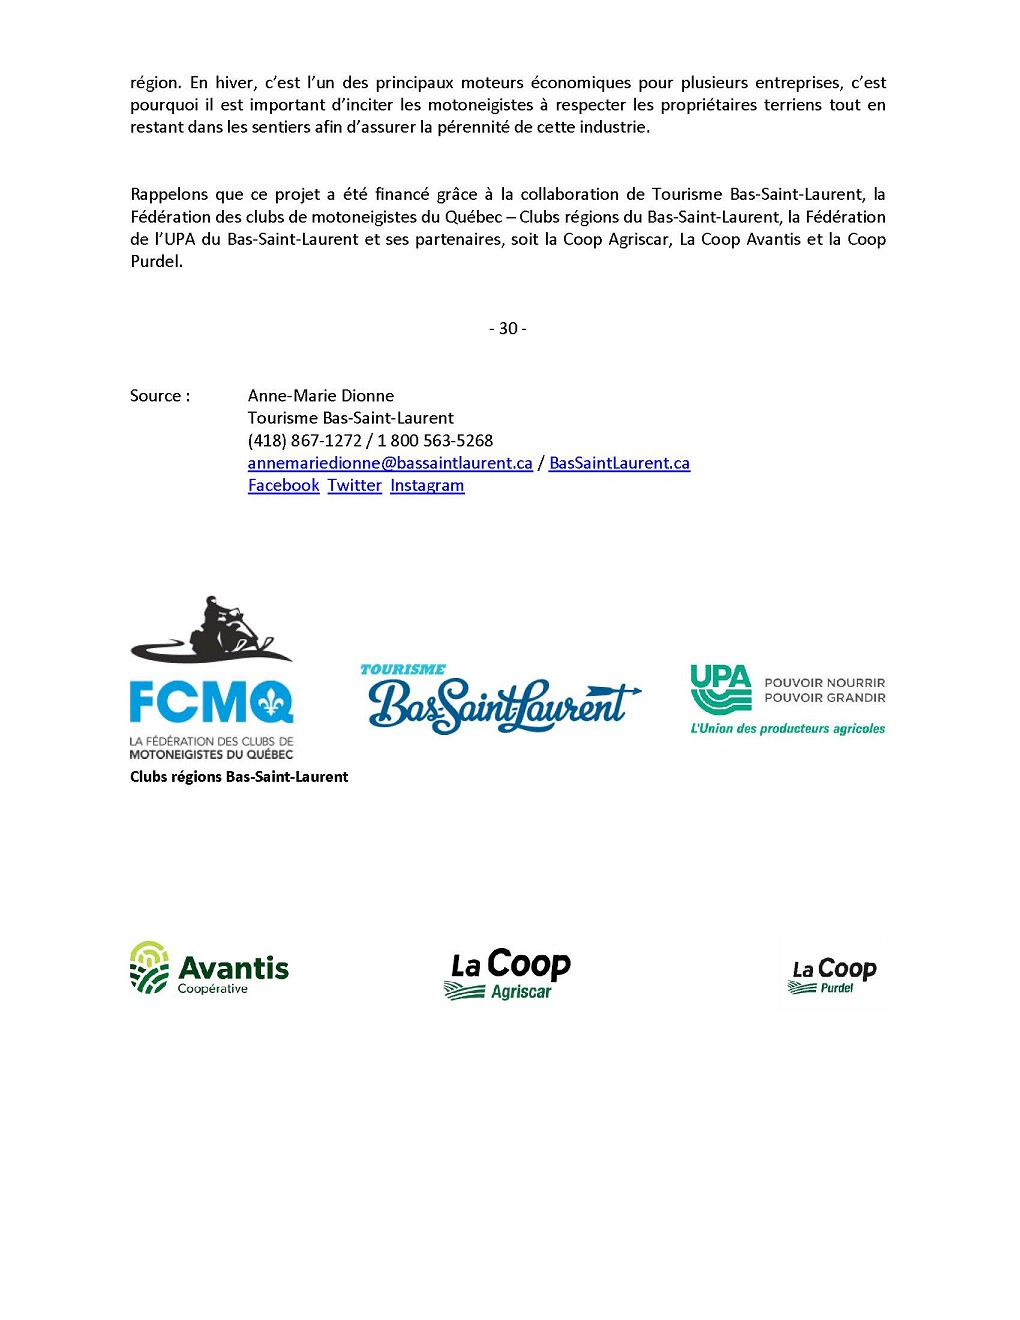 COMMUNIQUÉ -Motoneige- campagne sur la valorisation et la sécurité_Page_2 (Auteur : Angélika)